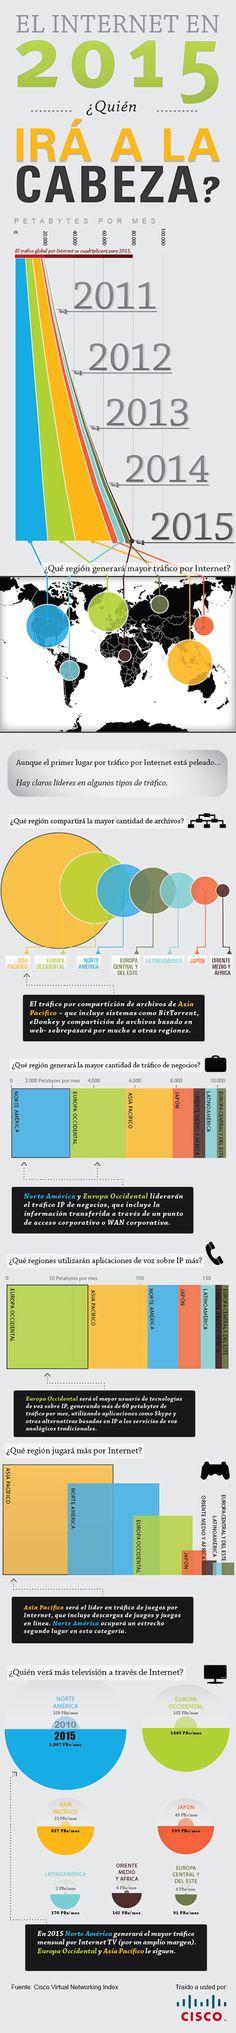 e-learning, conocimiento en red: Resultados de la búsqueda de infografías